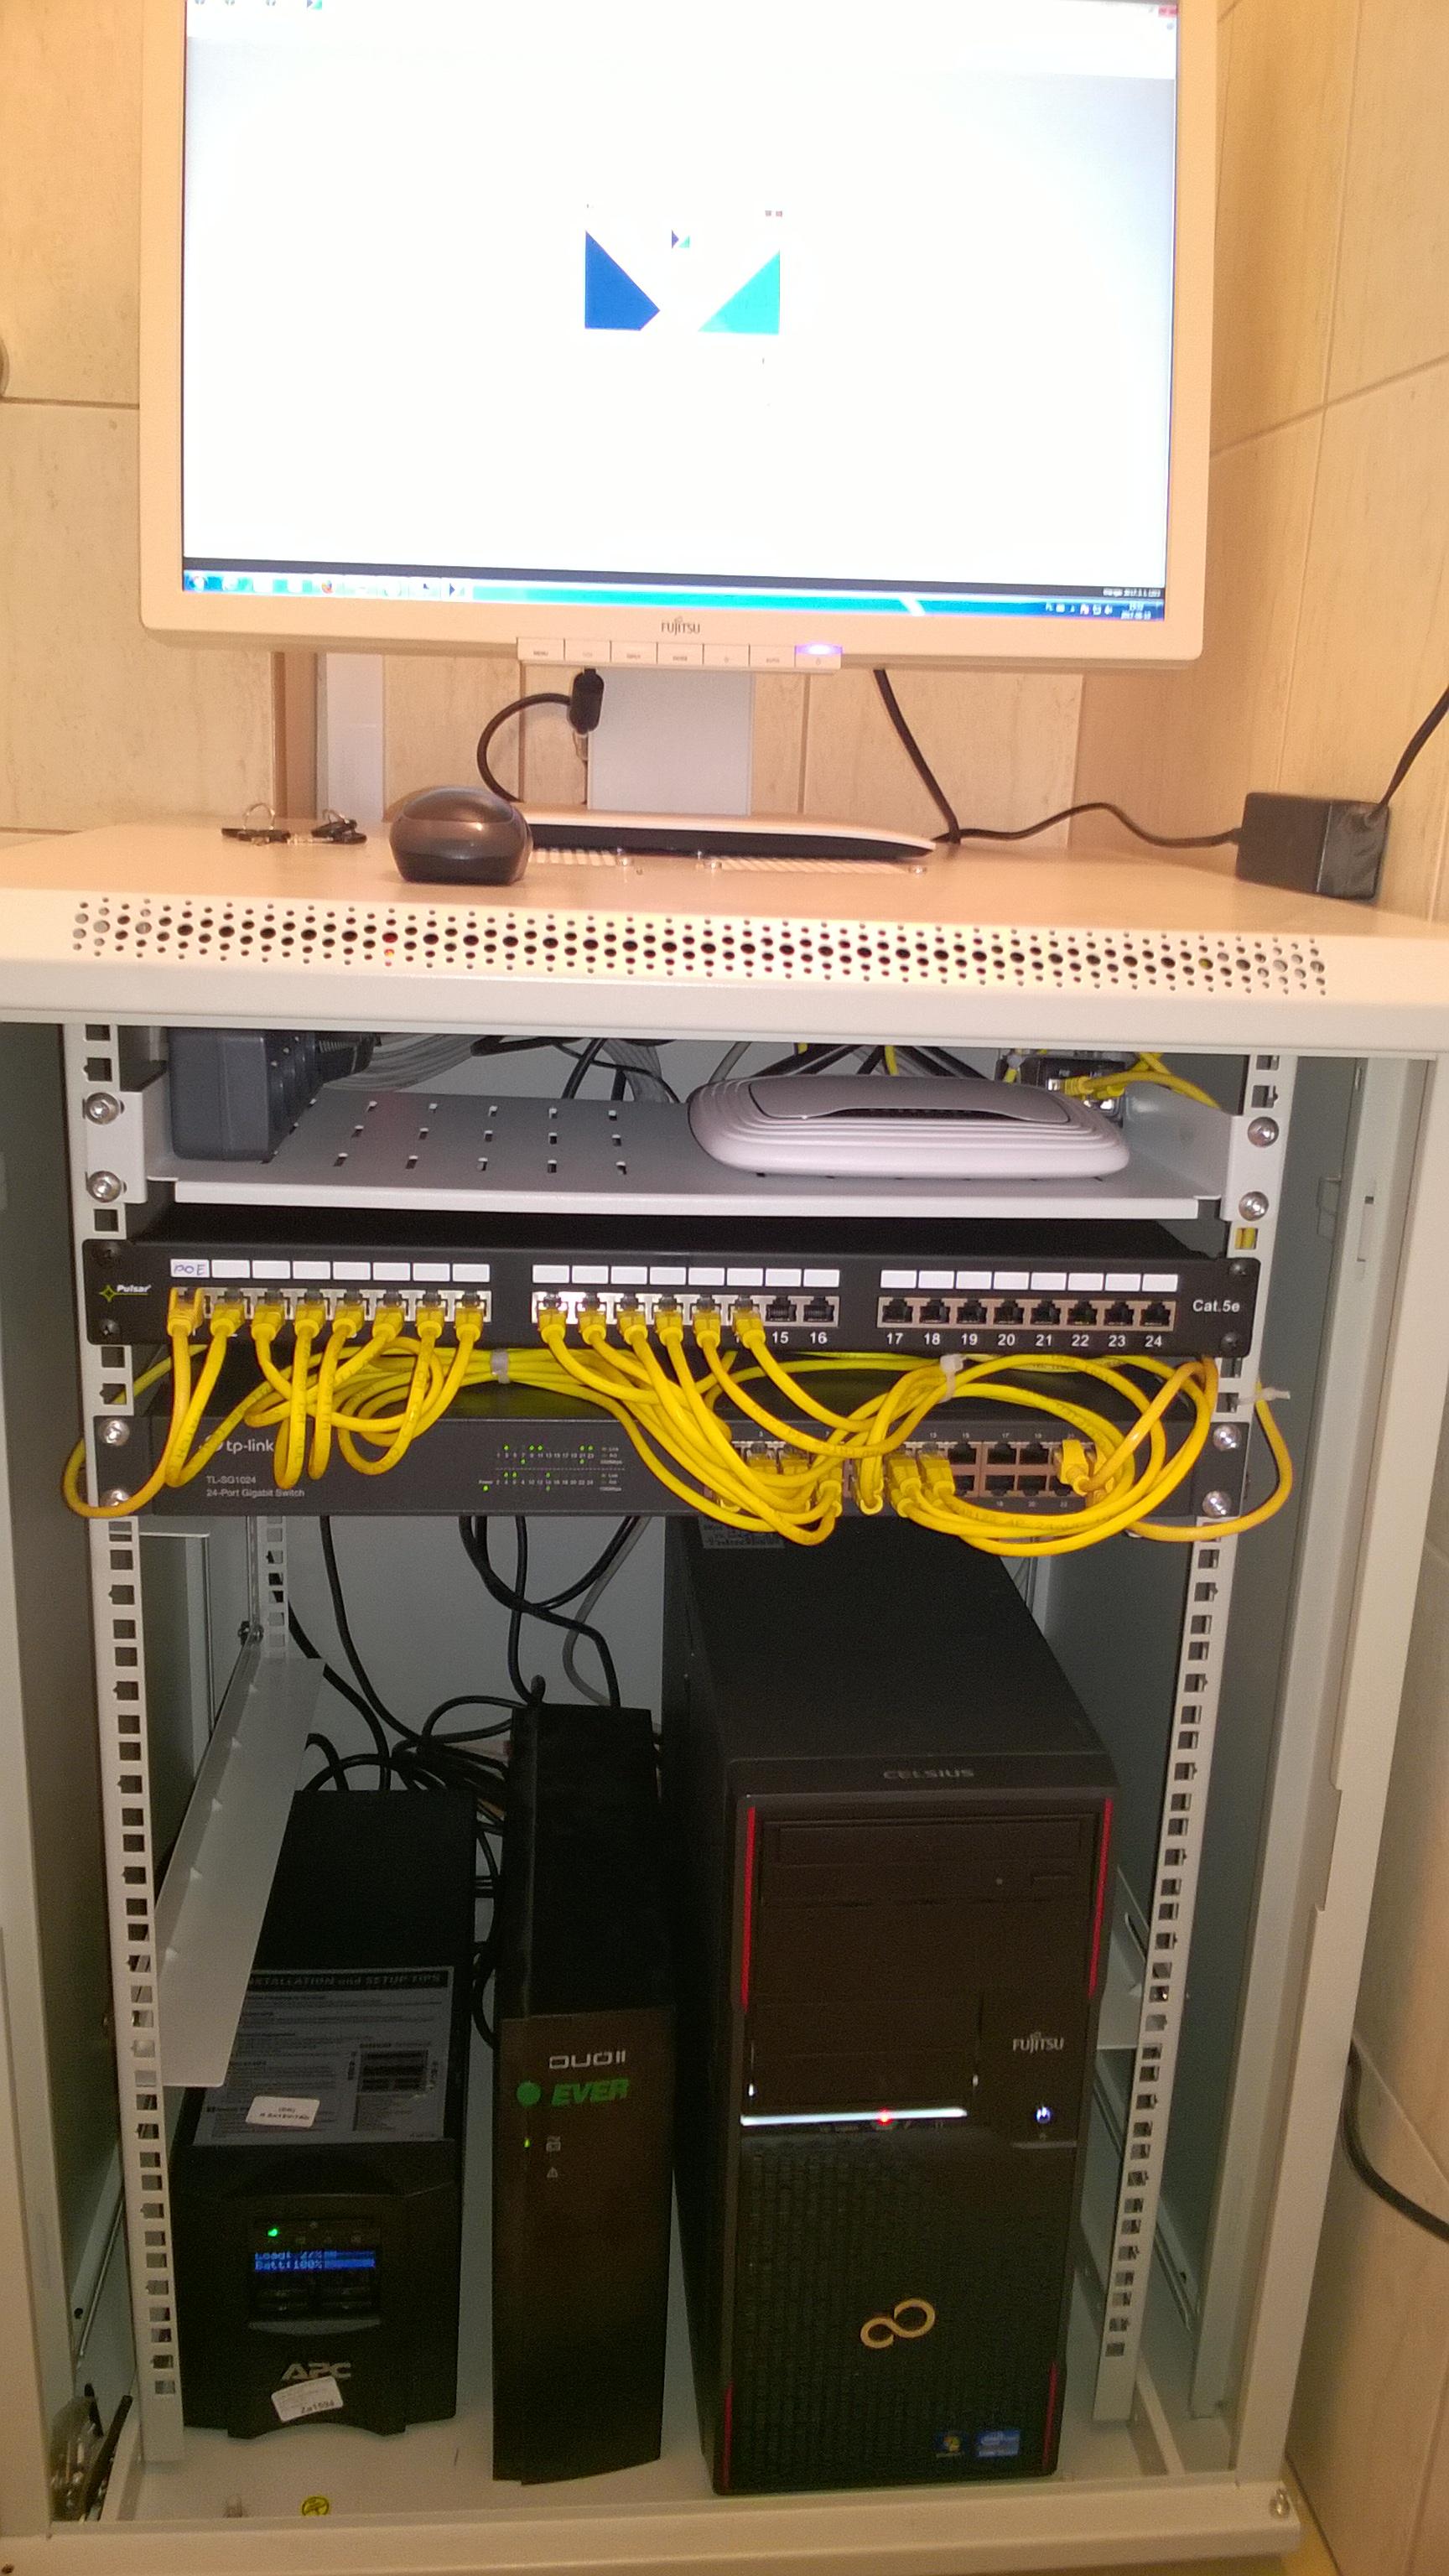 Wykonaliśmy strukturalną sieć komputerową LAN w firmie ROLMAX - nowy Serwer +COMARCH OPTIMA - nowe nadajniki GSM